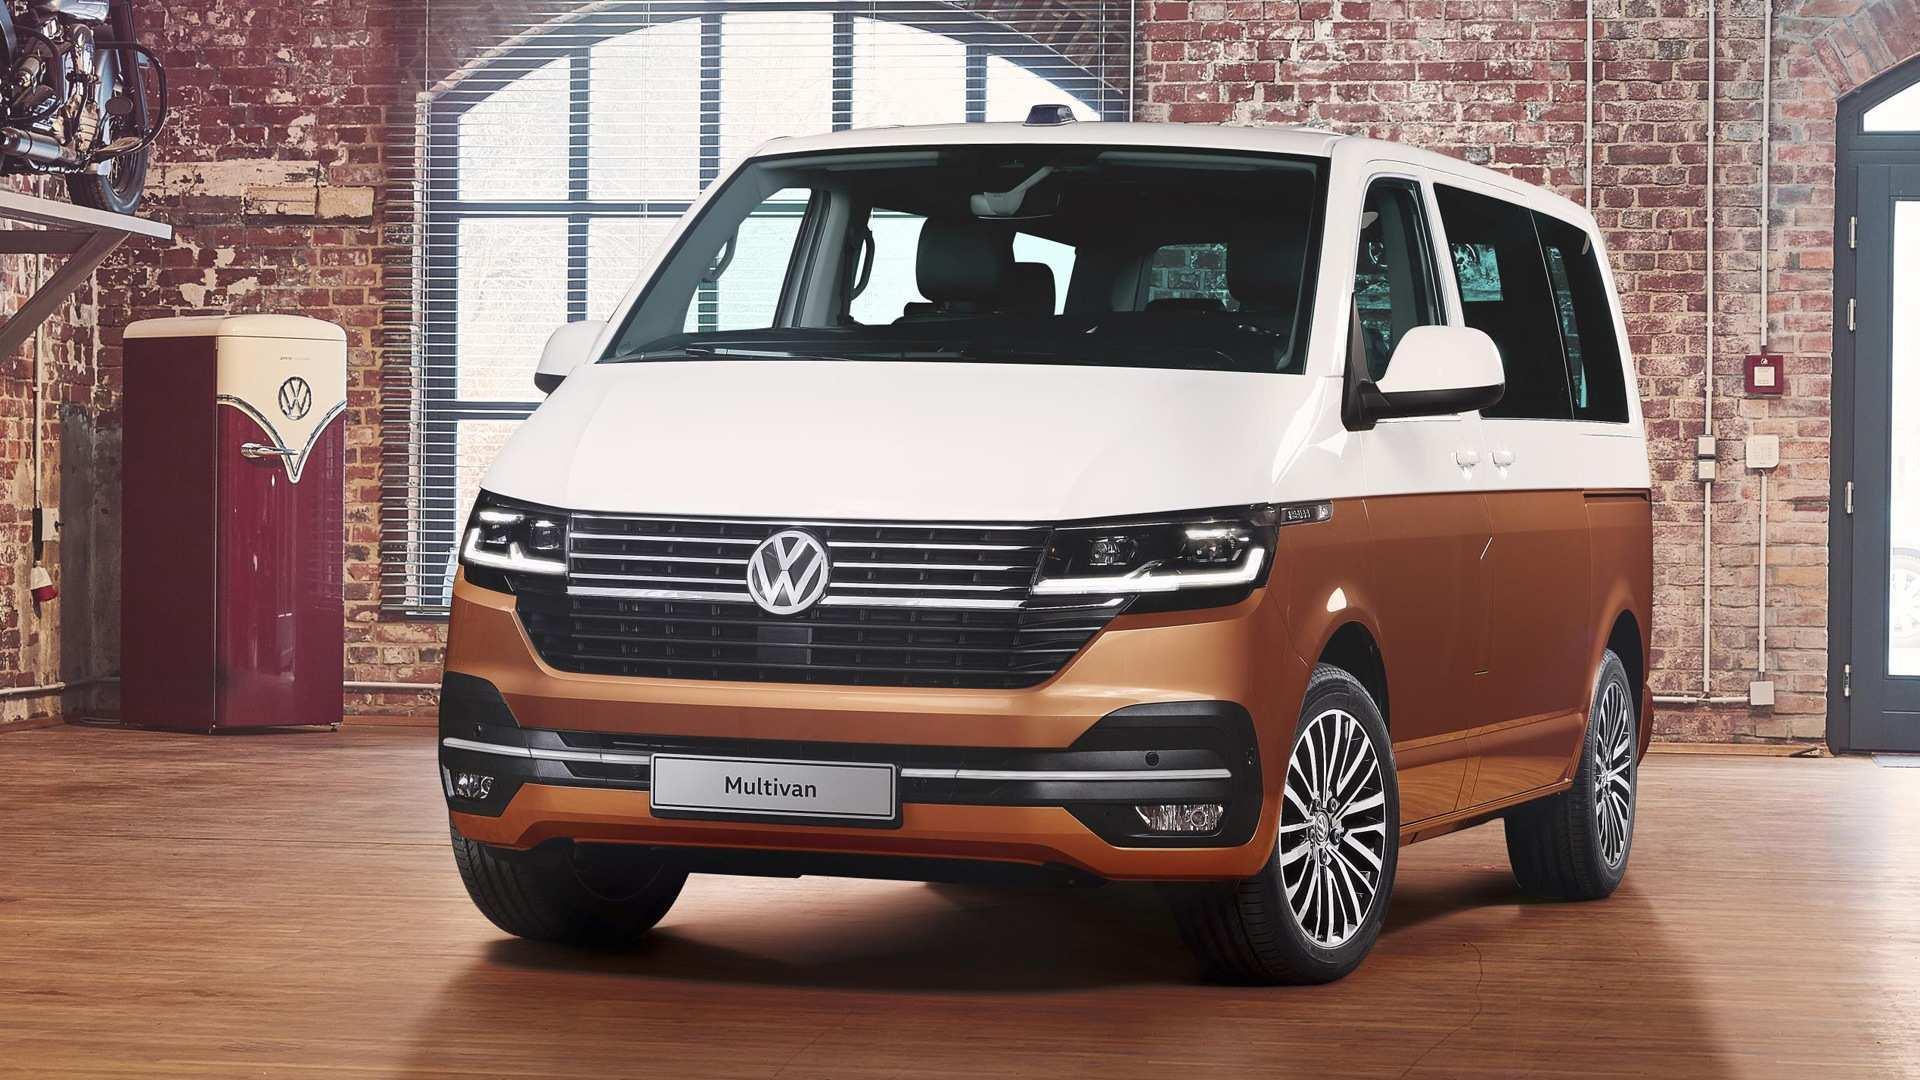 18 Great 2020 Volkswagen Van Exterior with 2020 Volkswagen Van